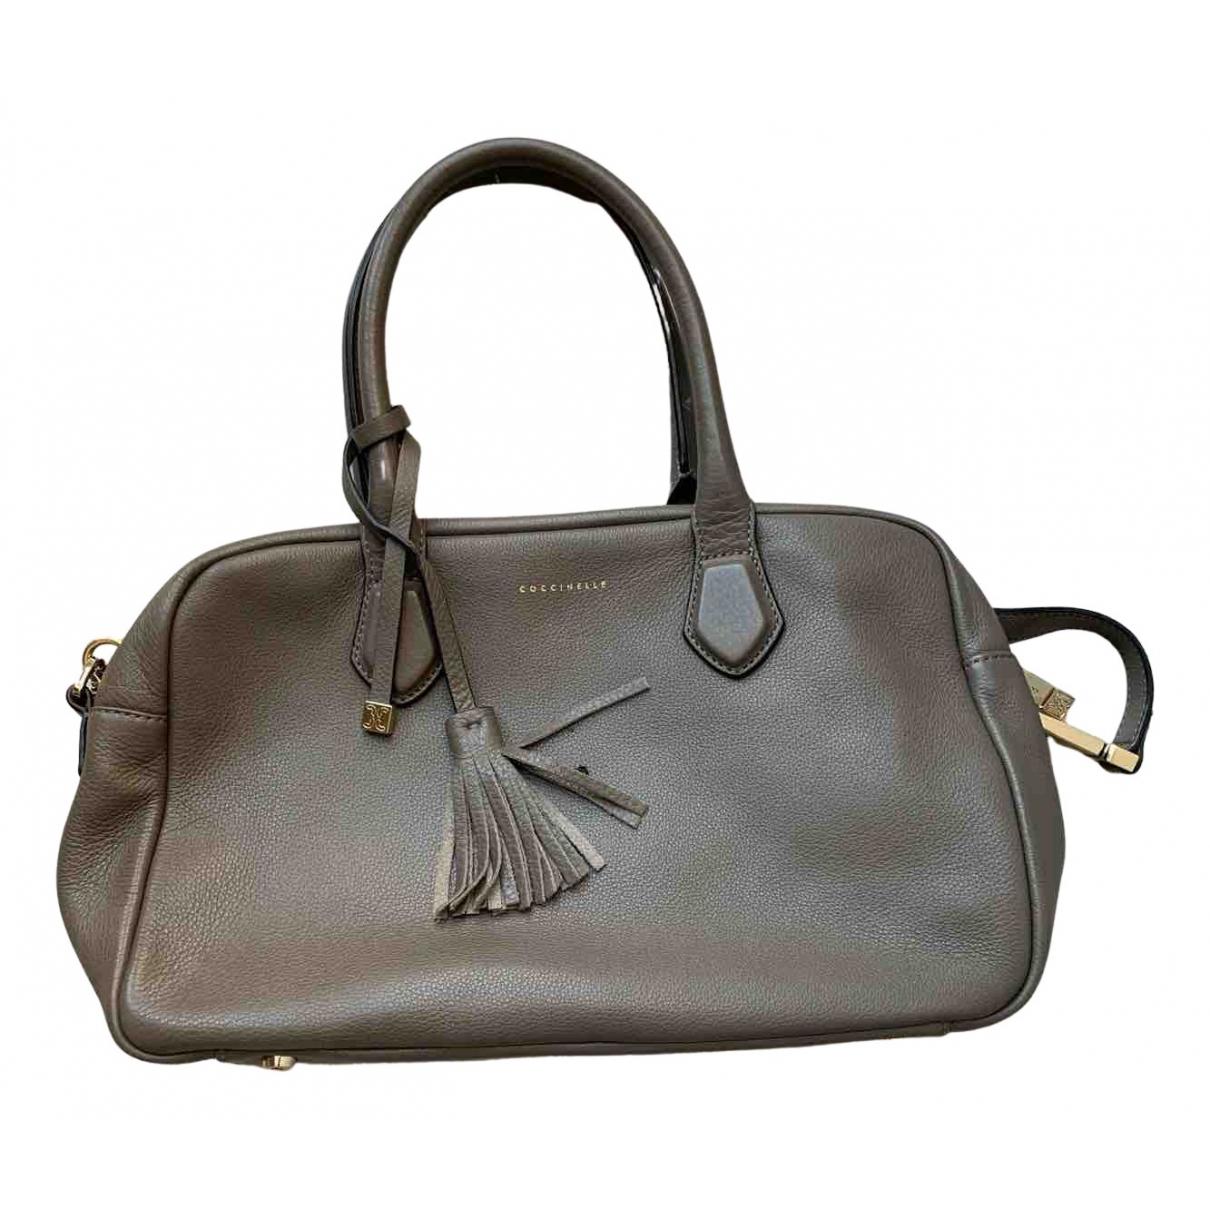 Coccinelle \N Handtasche in  Grau Leder